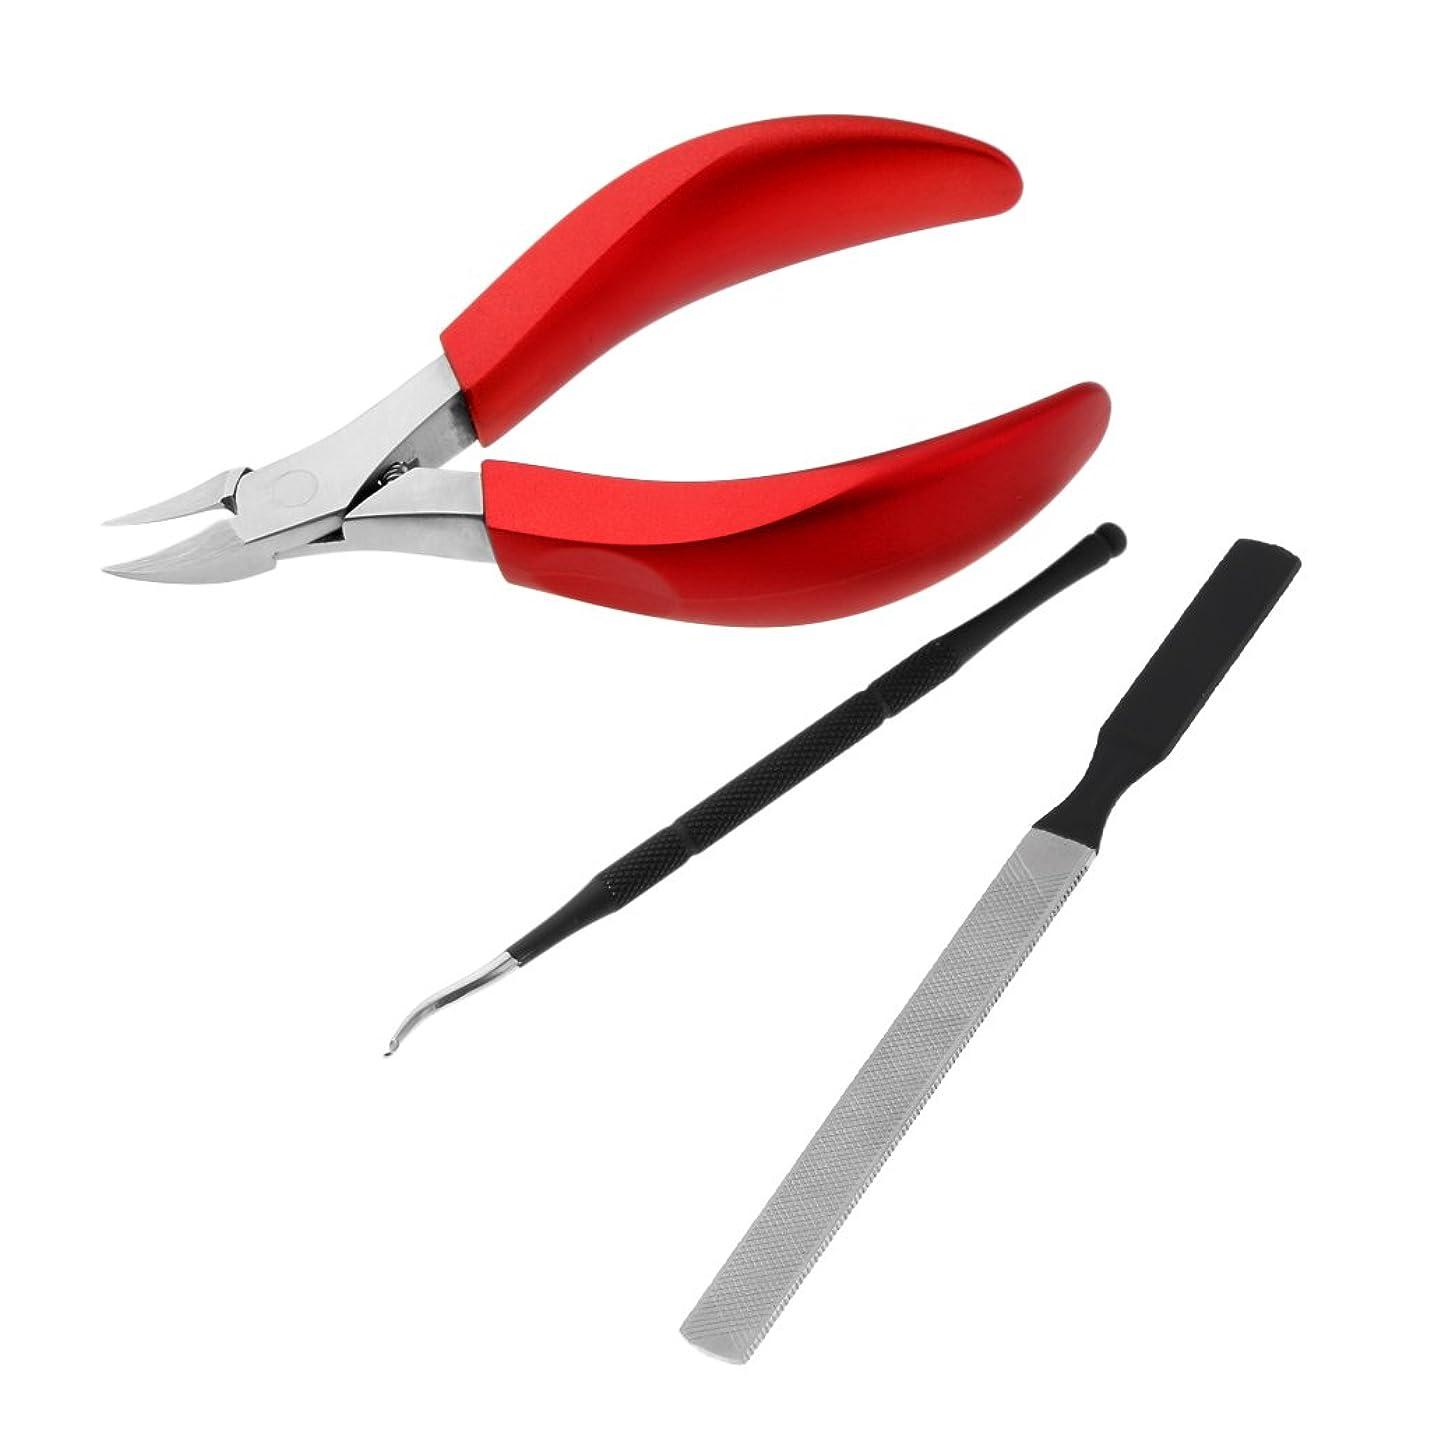 宗教的なアカデミックスパンFenteer キューティクルニッパー キューティクルプッシャー ネイルファイル 甘皮ニッパー ネイルアート ステンレス製 耐久性 ネイルカッター 3点入り 3色選べる - 赤